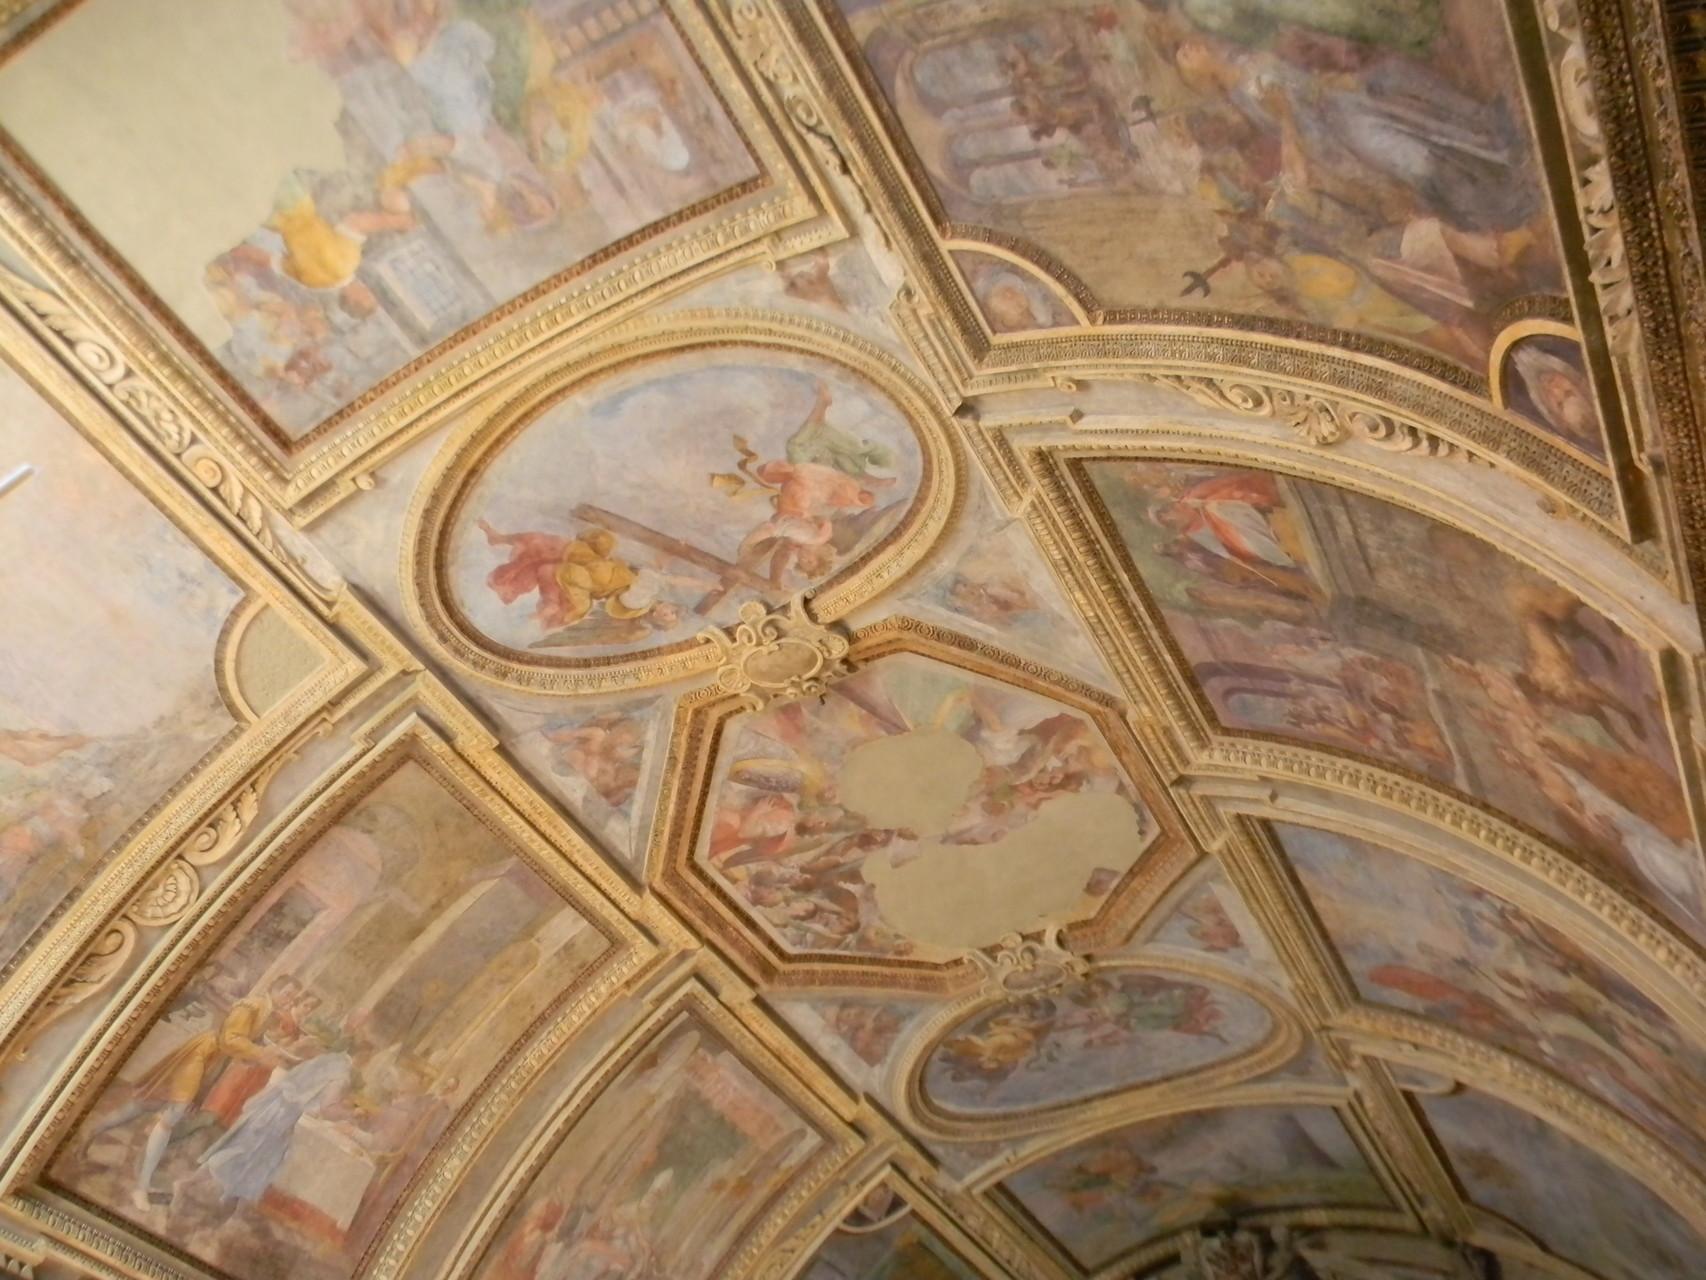 """B. CORENZIO-A. NUCCI-V. DE PINO, """"SS. Trinità"""" (quasi illeggibile) e """"Angeli con gli strumenti della Passione""""  (1597-1599), affresco [foto Peppe Guida]"""